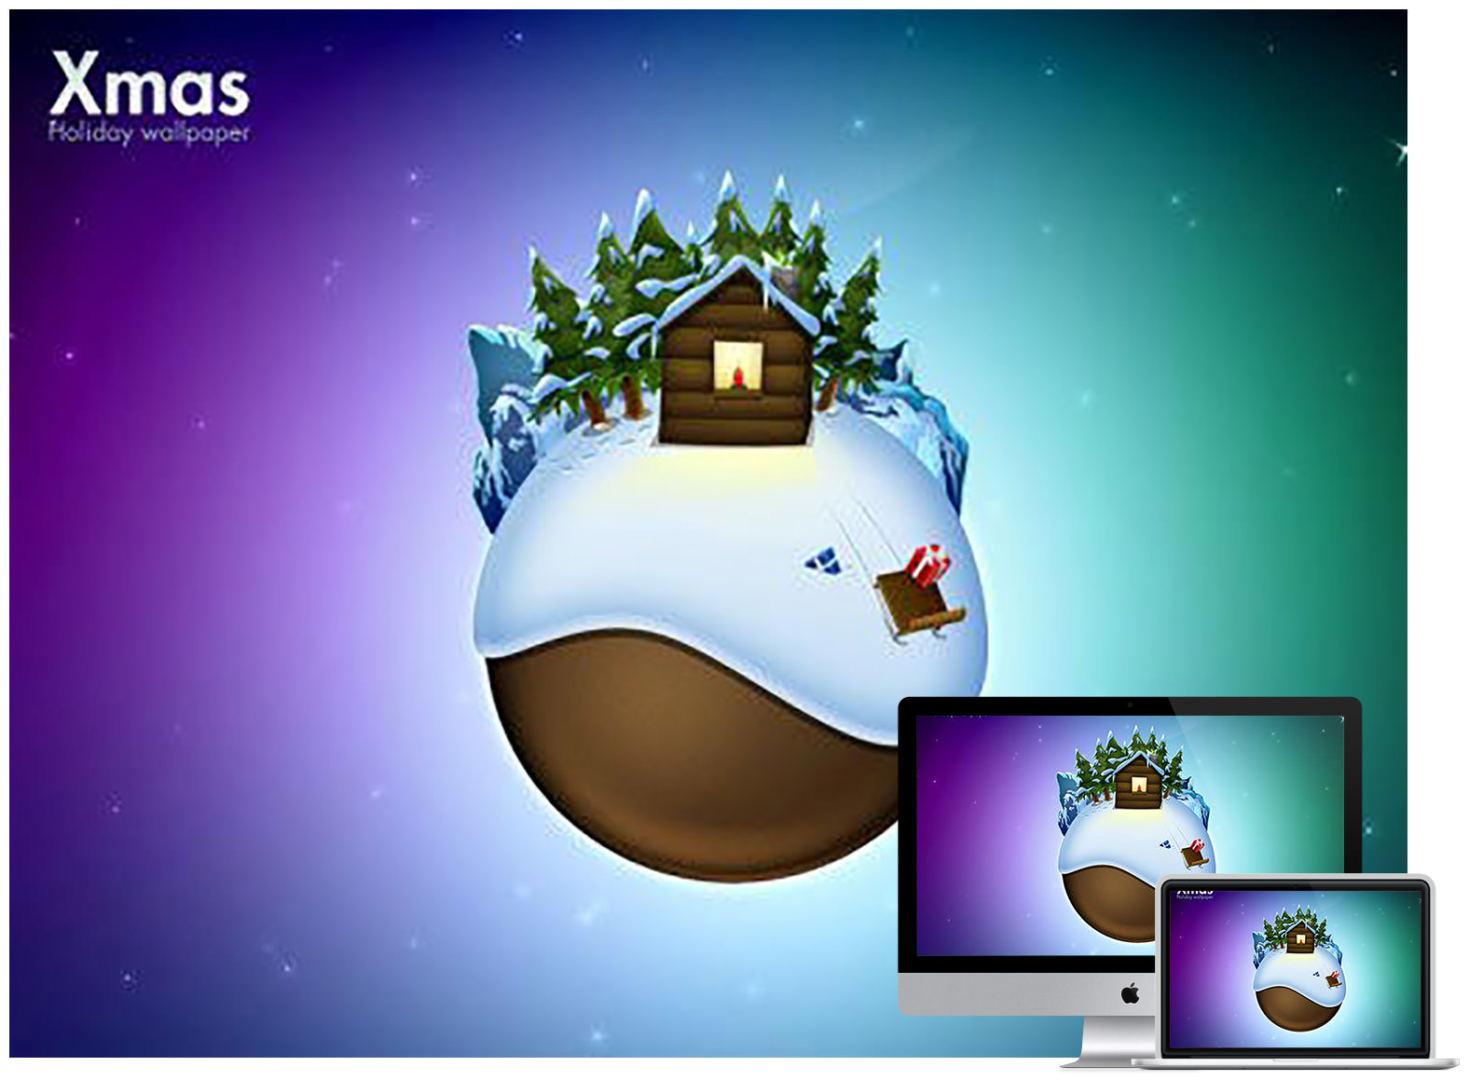 xmas_holiday_wallpaper